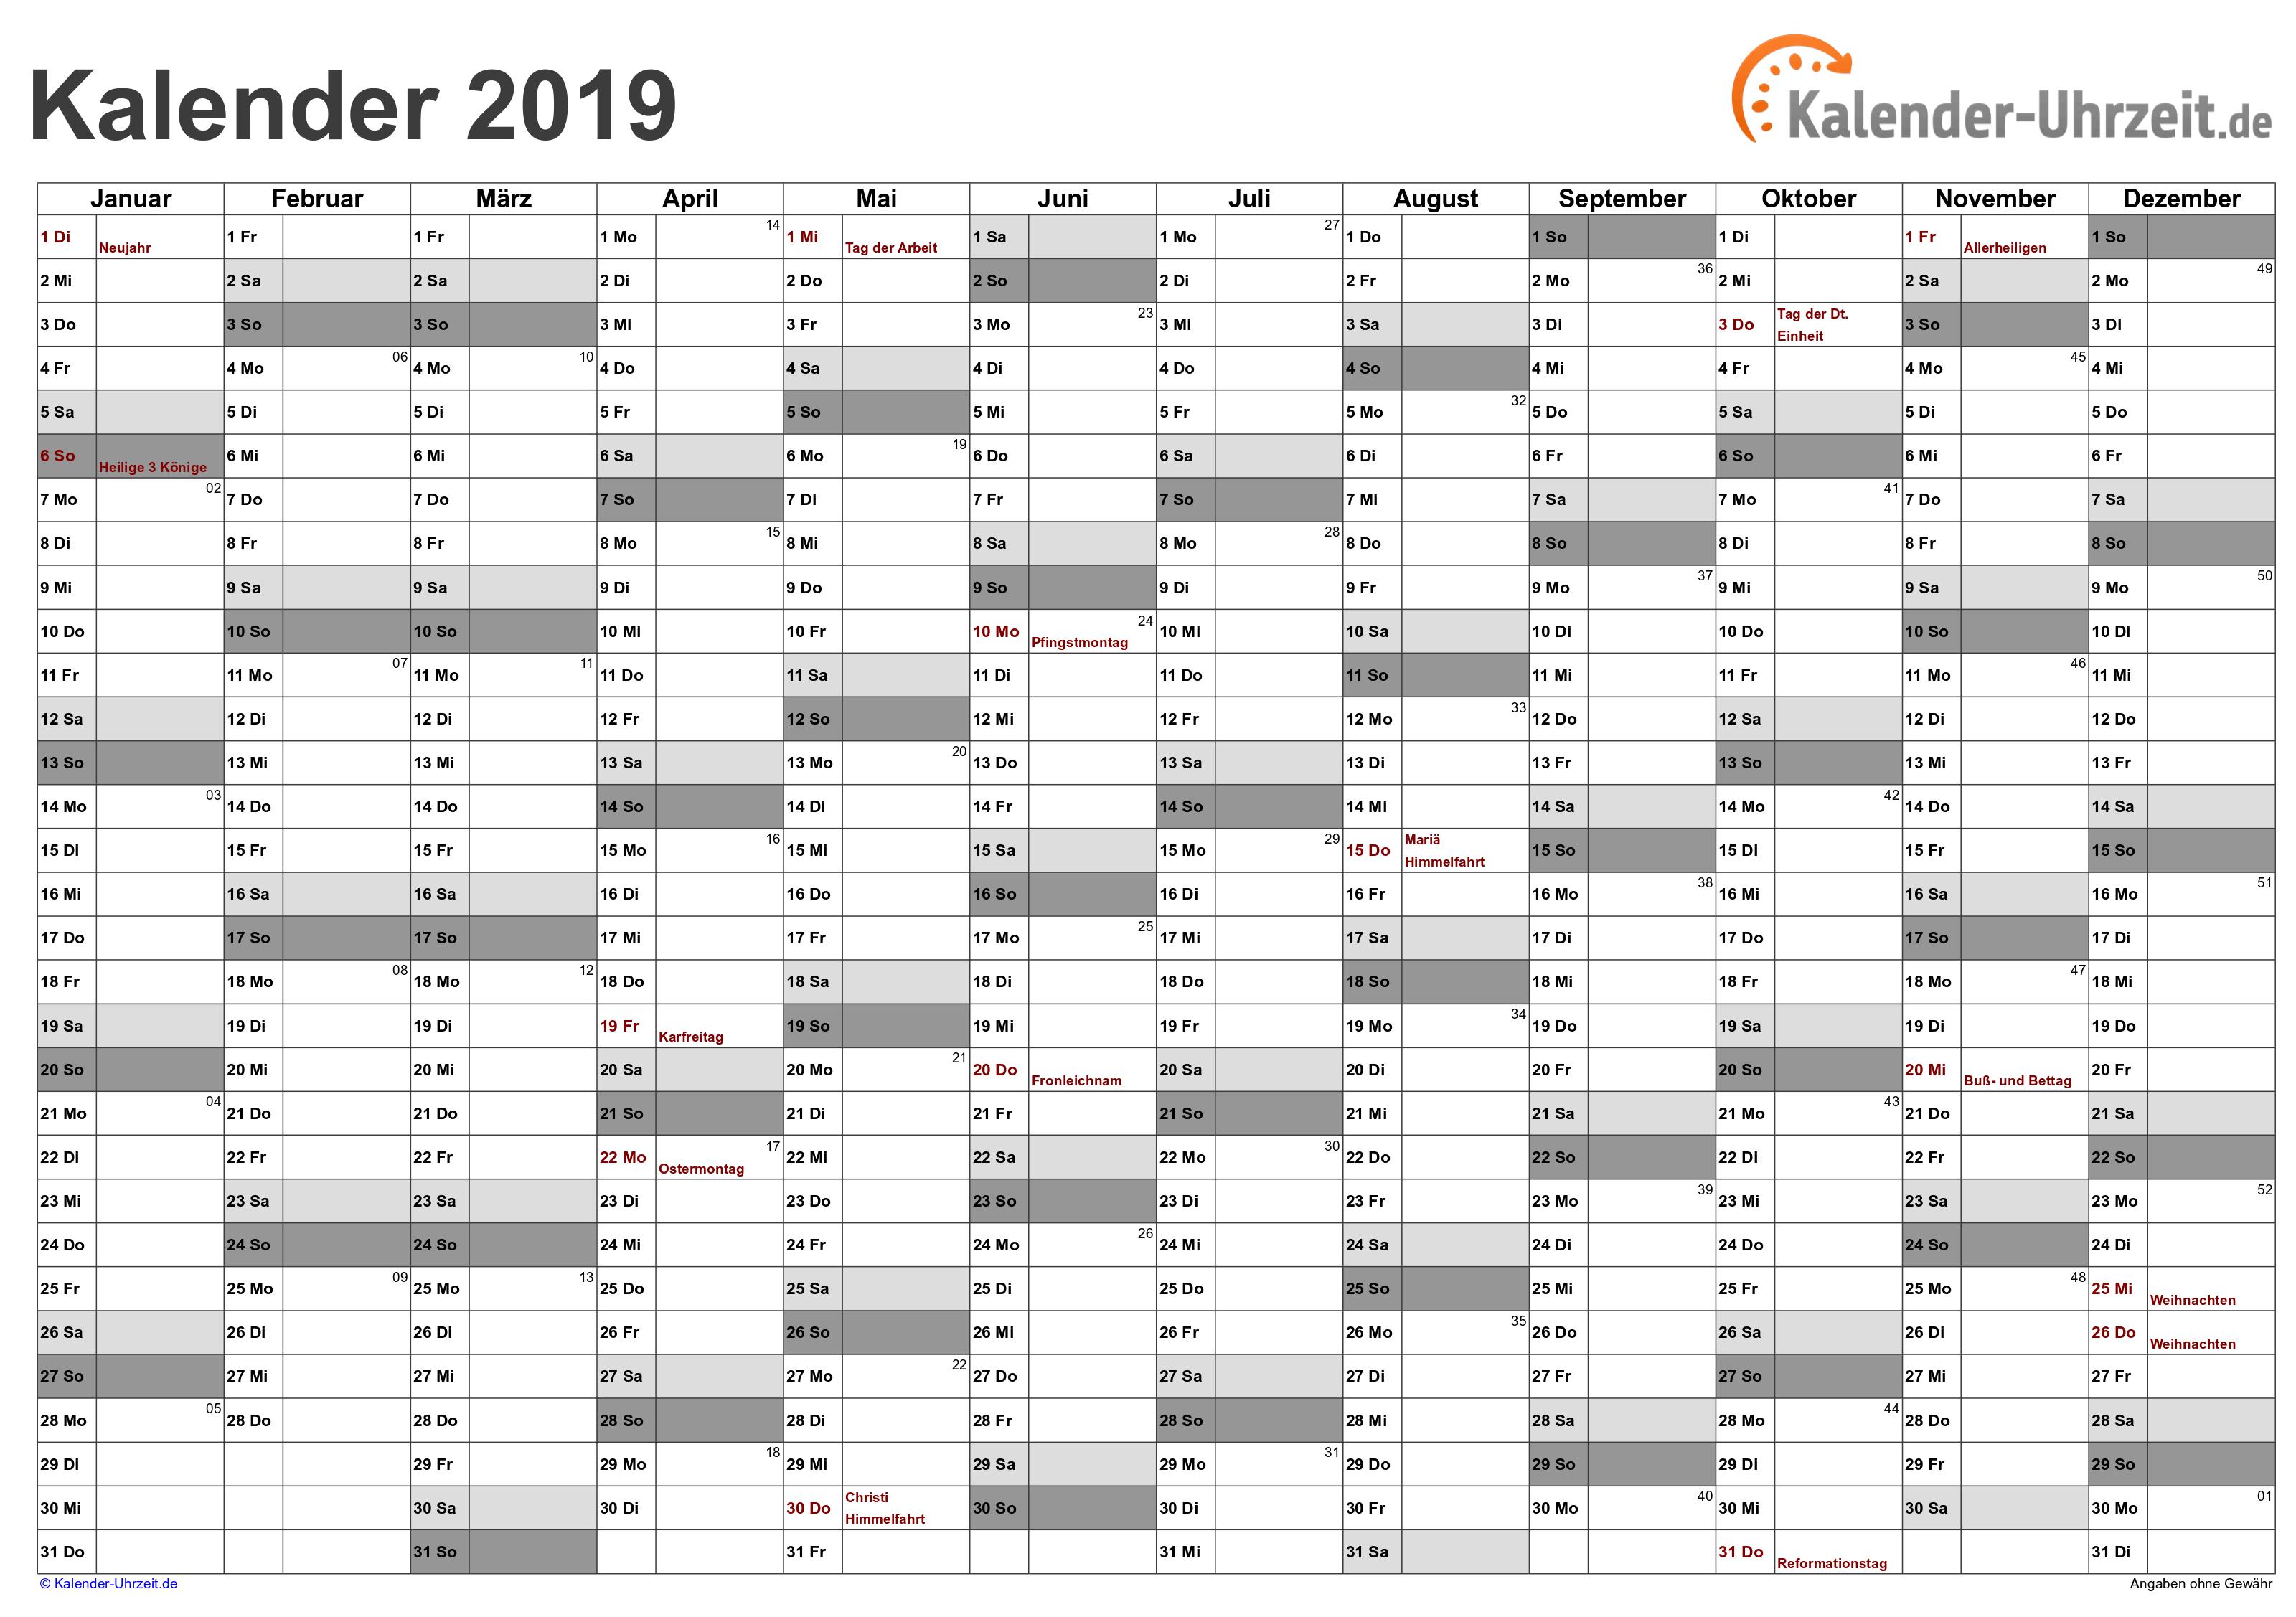 kalender 2019 zum ausdrucken gratis vorlagen zum download ausdrucken kalender 2019 kalender. Black Bedroom Furniture Sets. Home Design Ideas